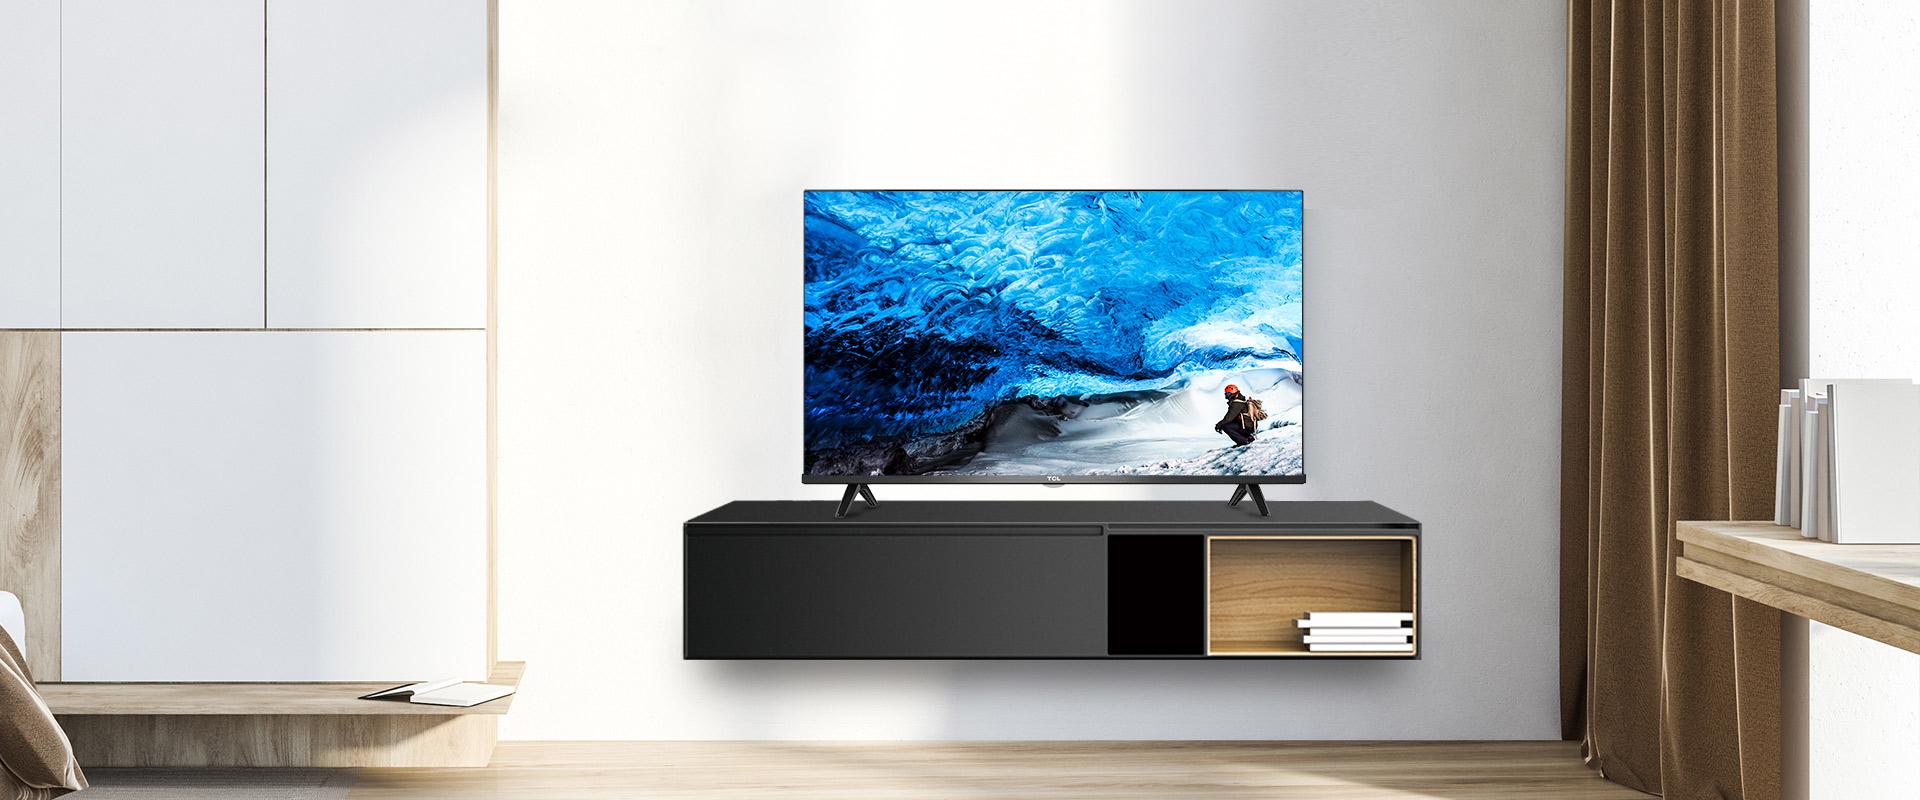 TCL LED Smart TV